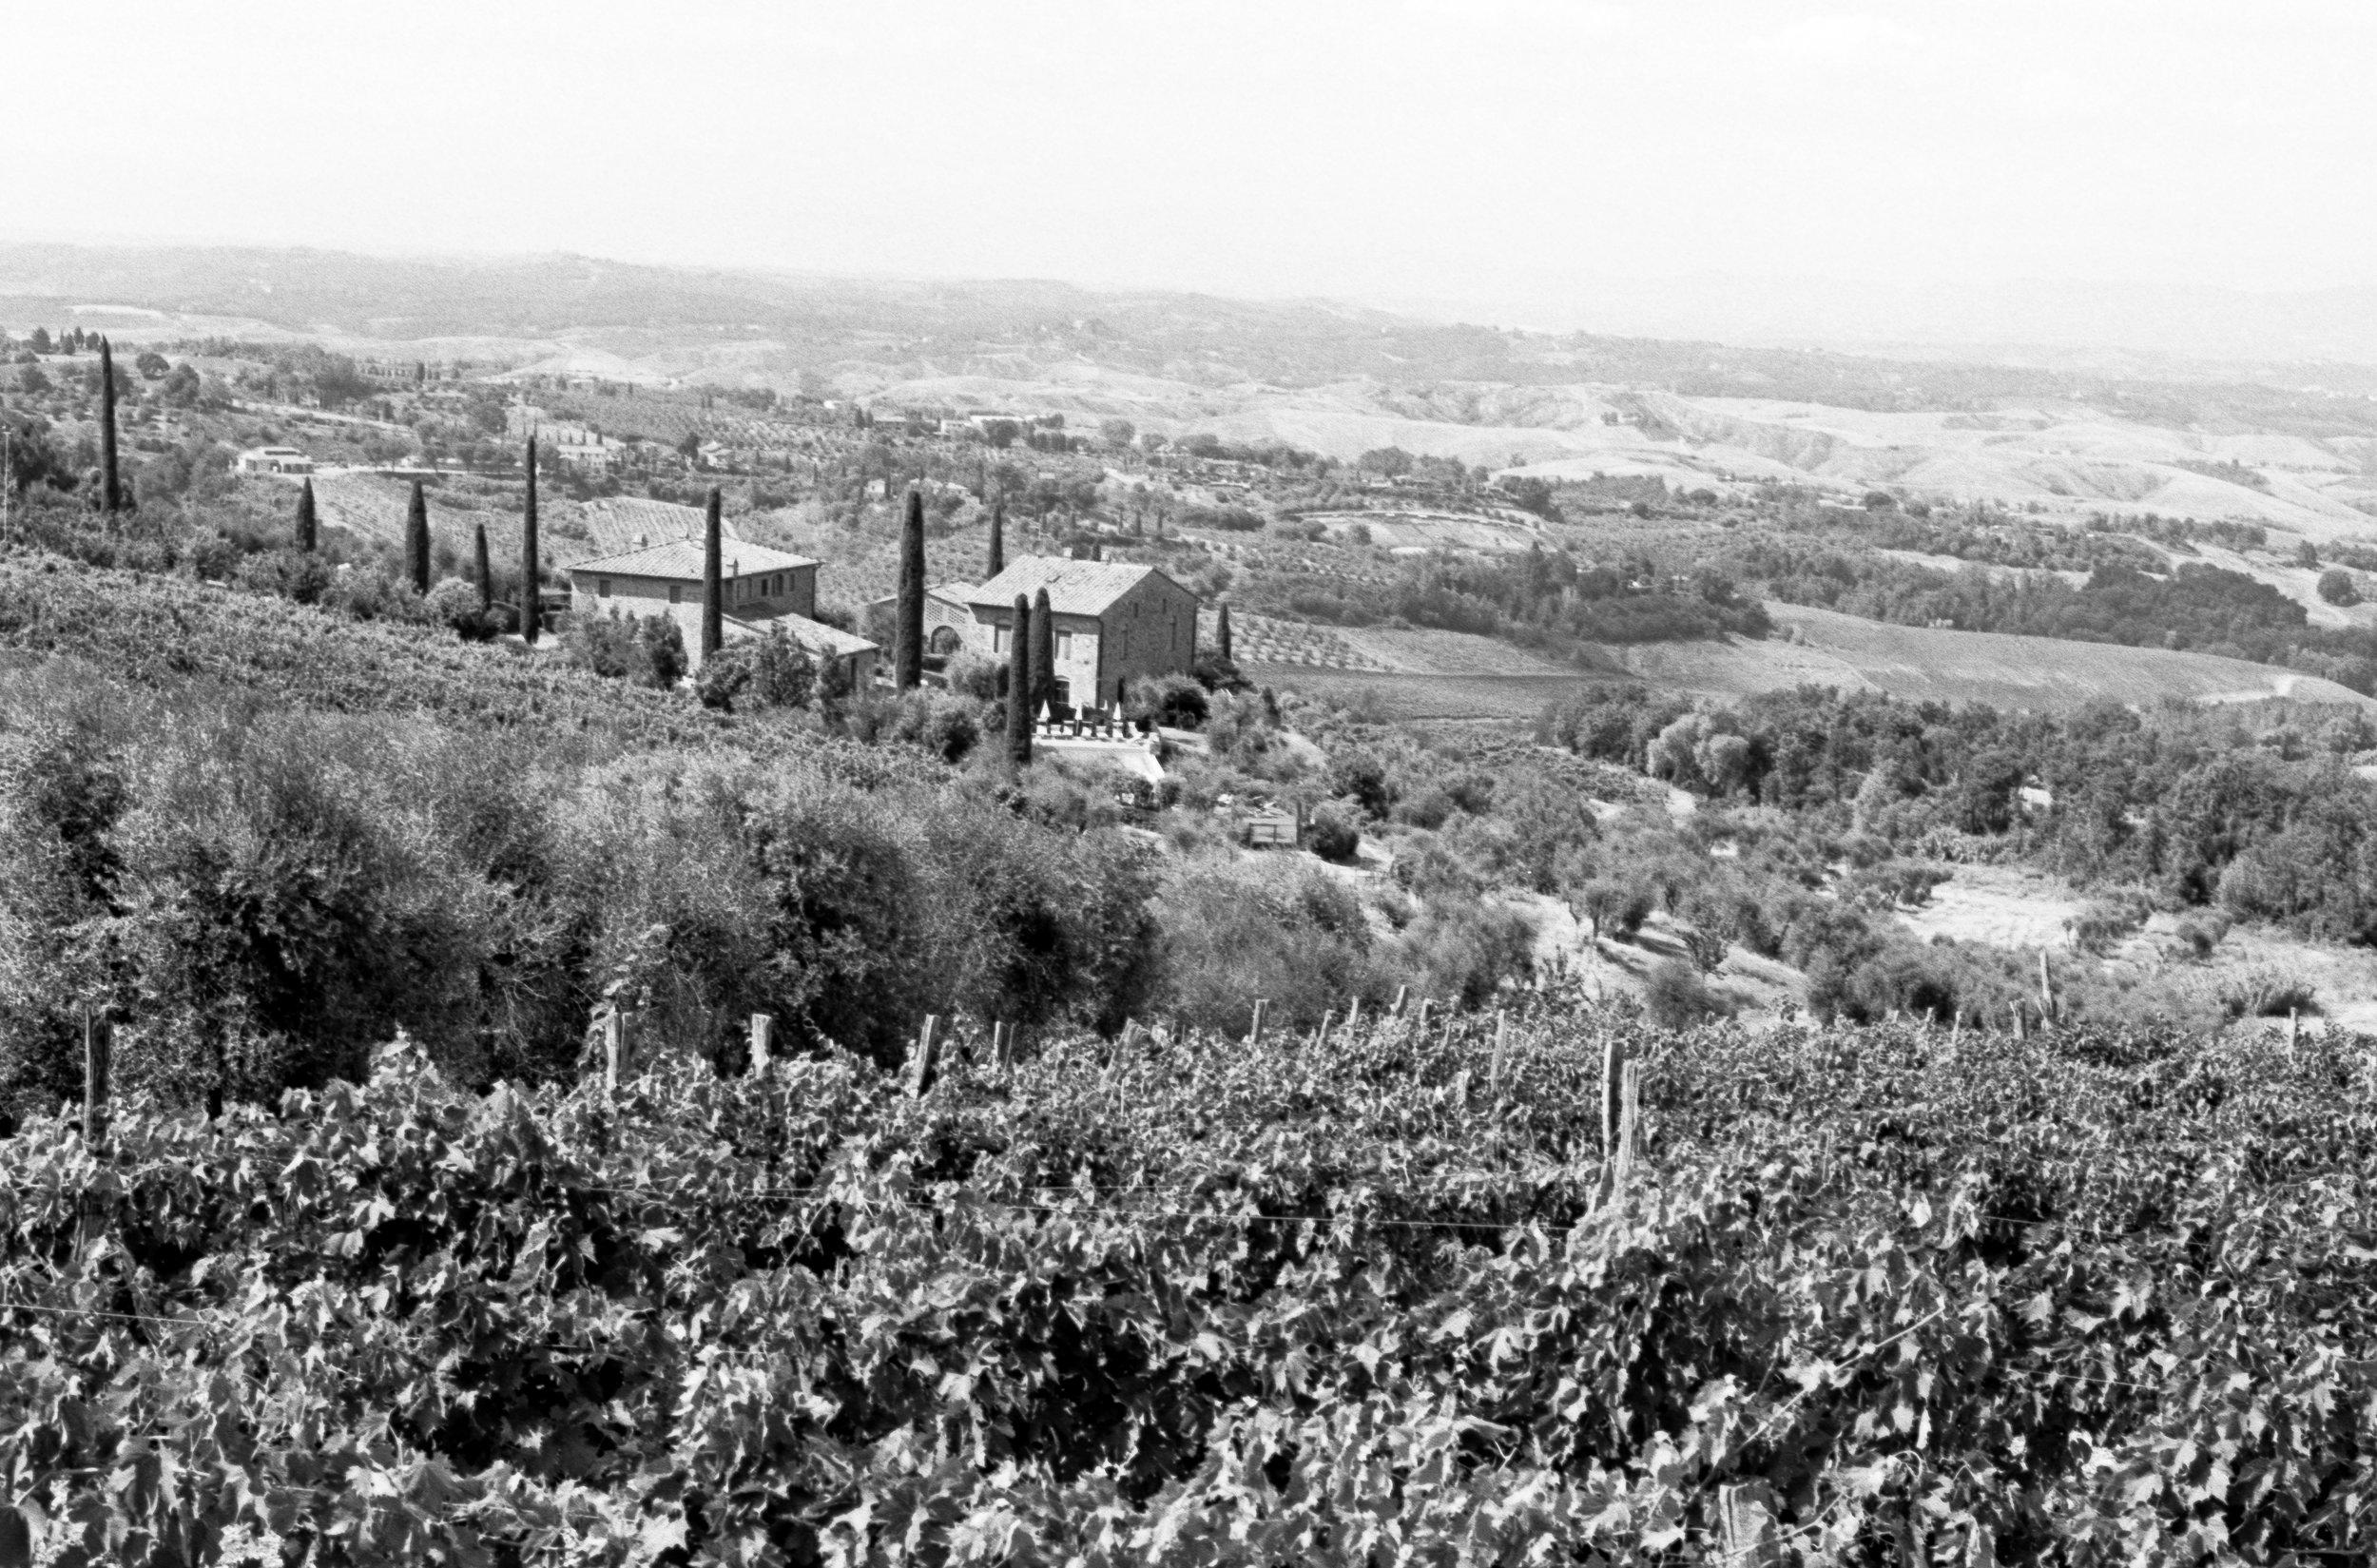 The view from Scipione-Podere Moricci, Montaione. Italy. 2019.